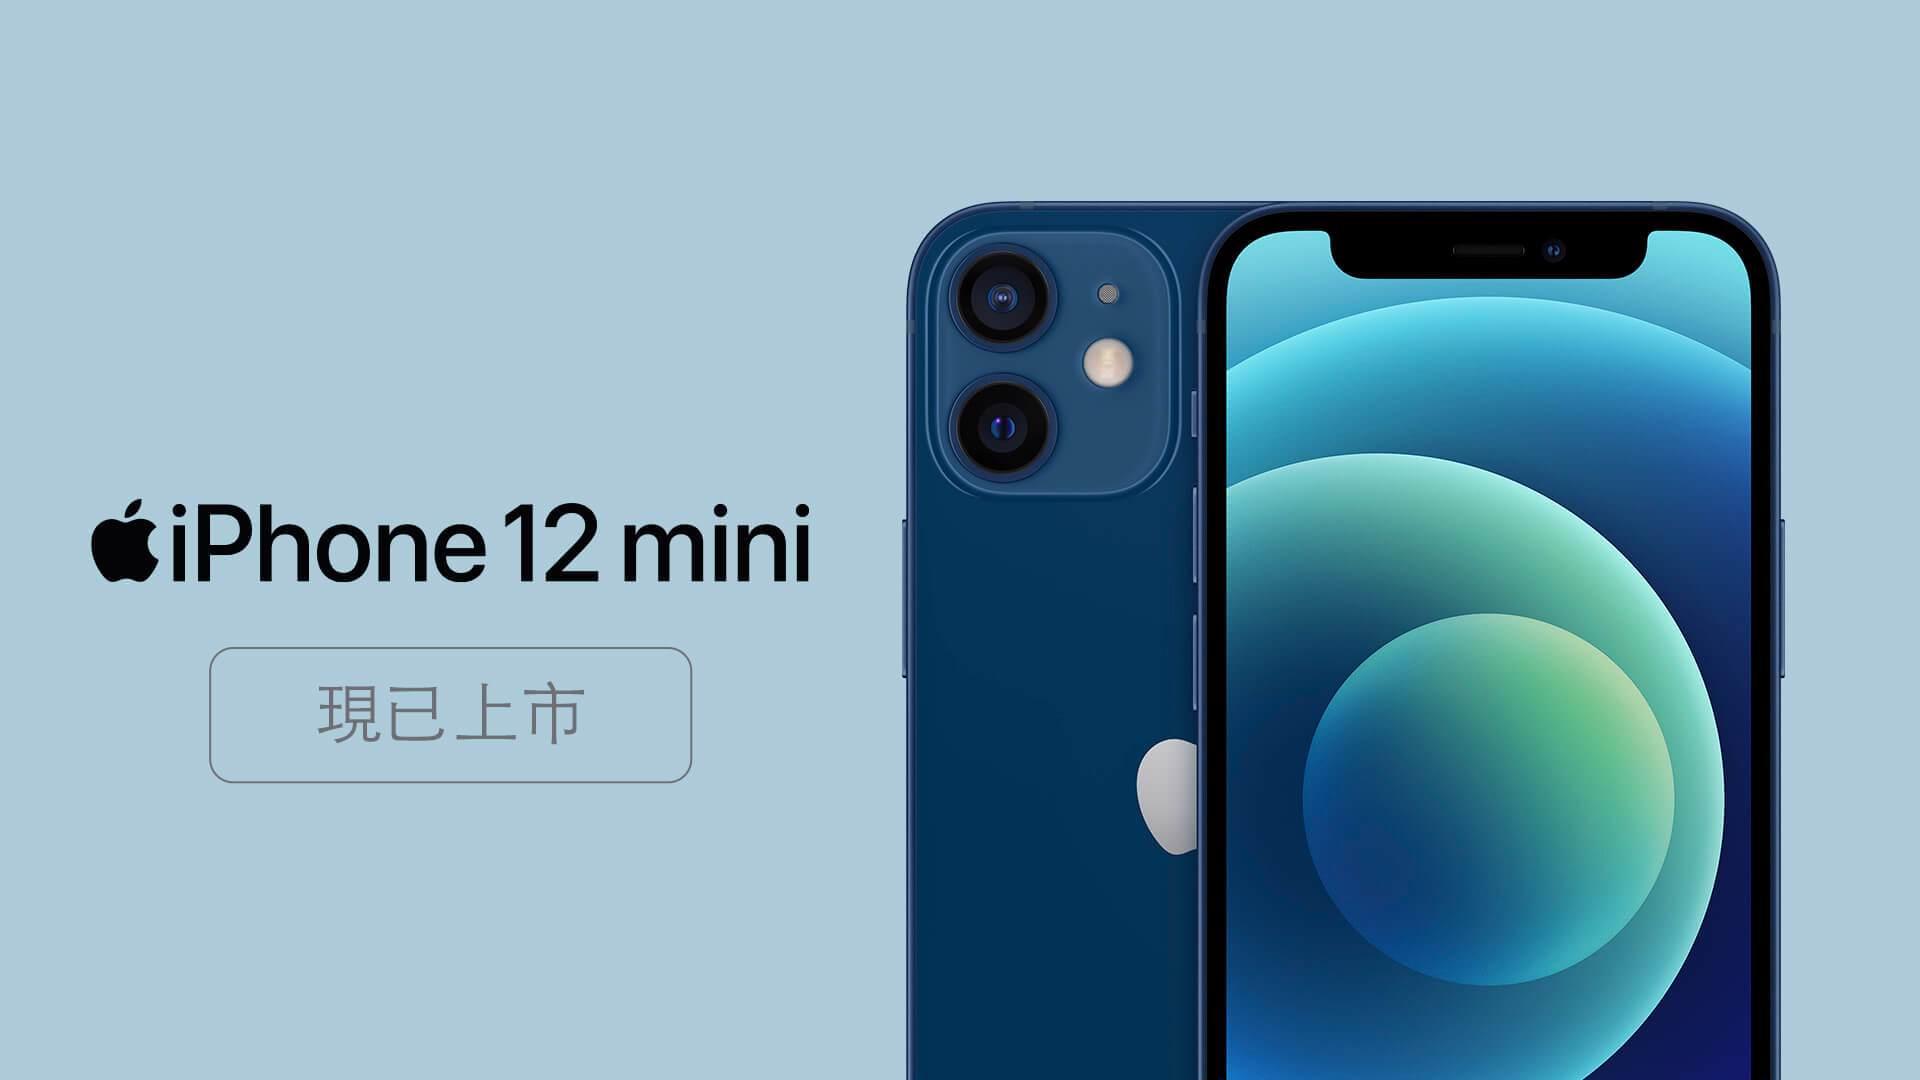 iPhone 12 mini 現已上市